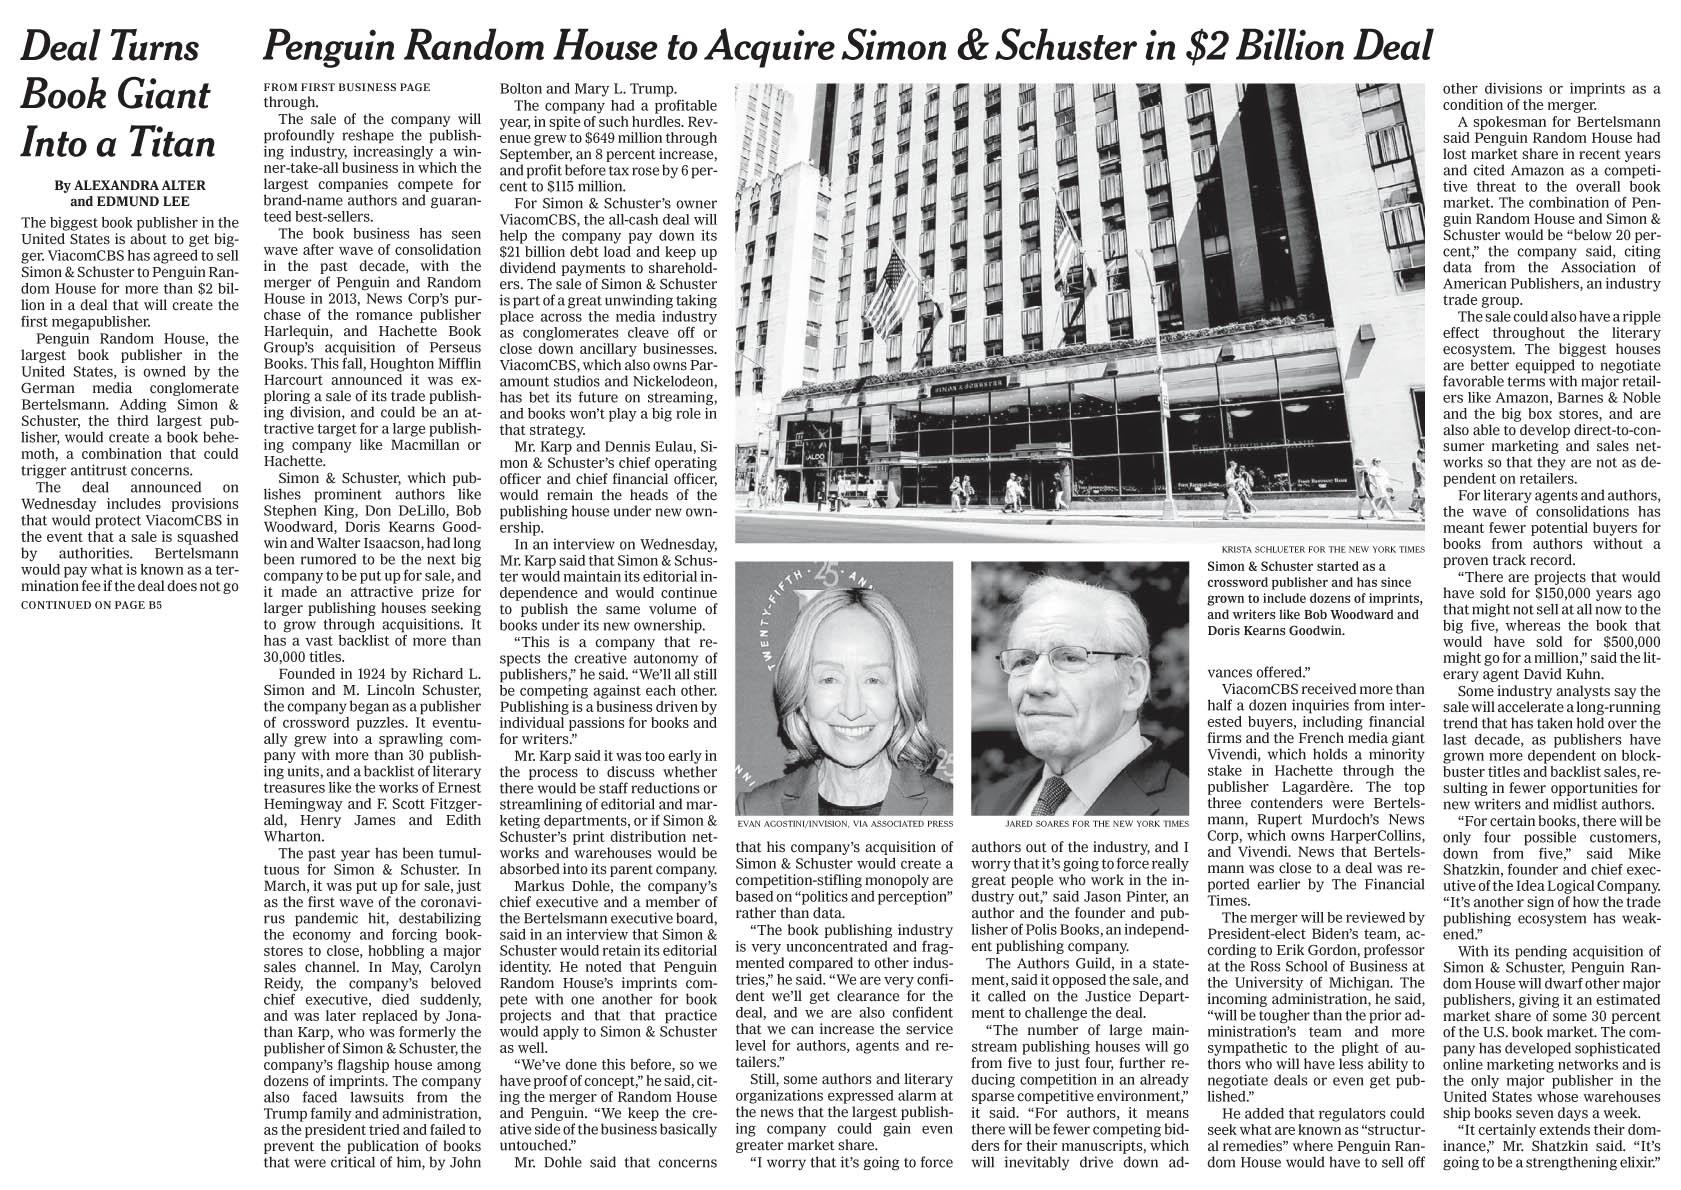 NYT 201126 Books.jpg